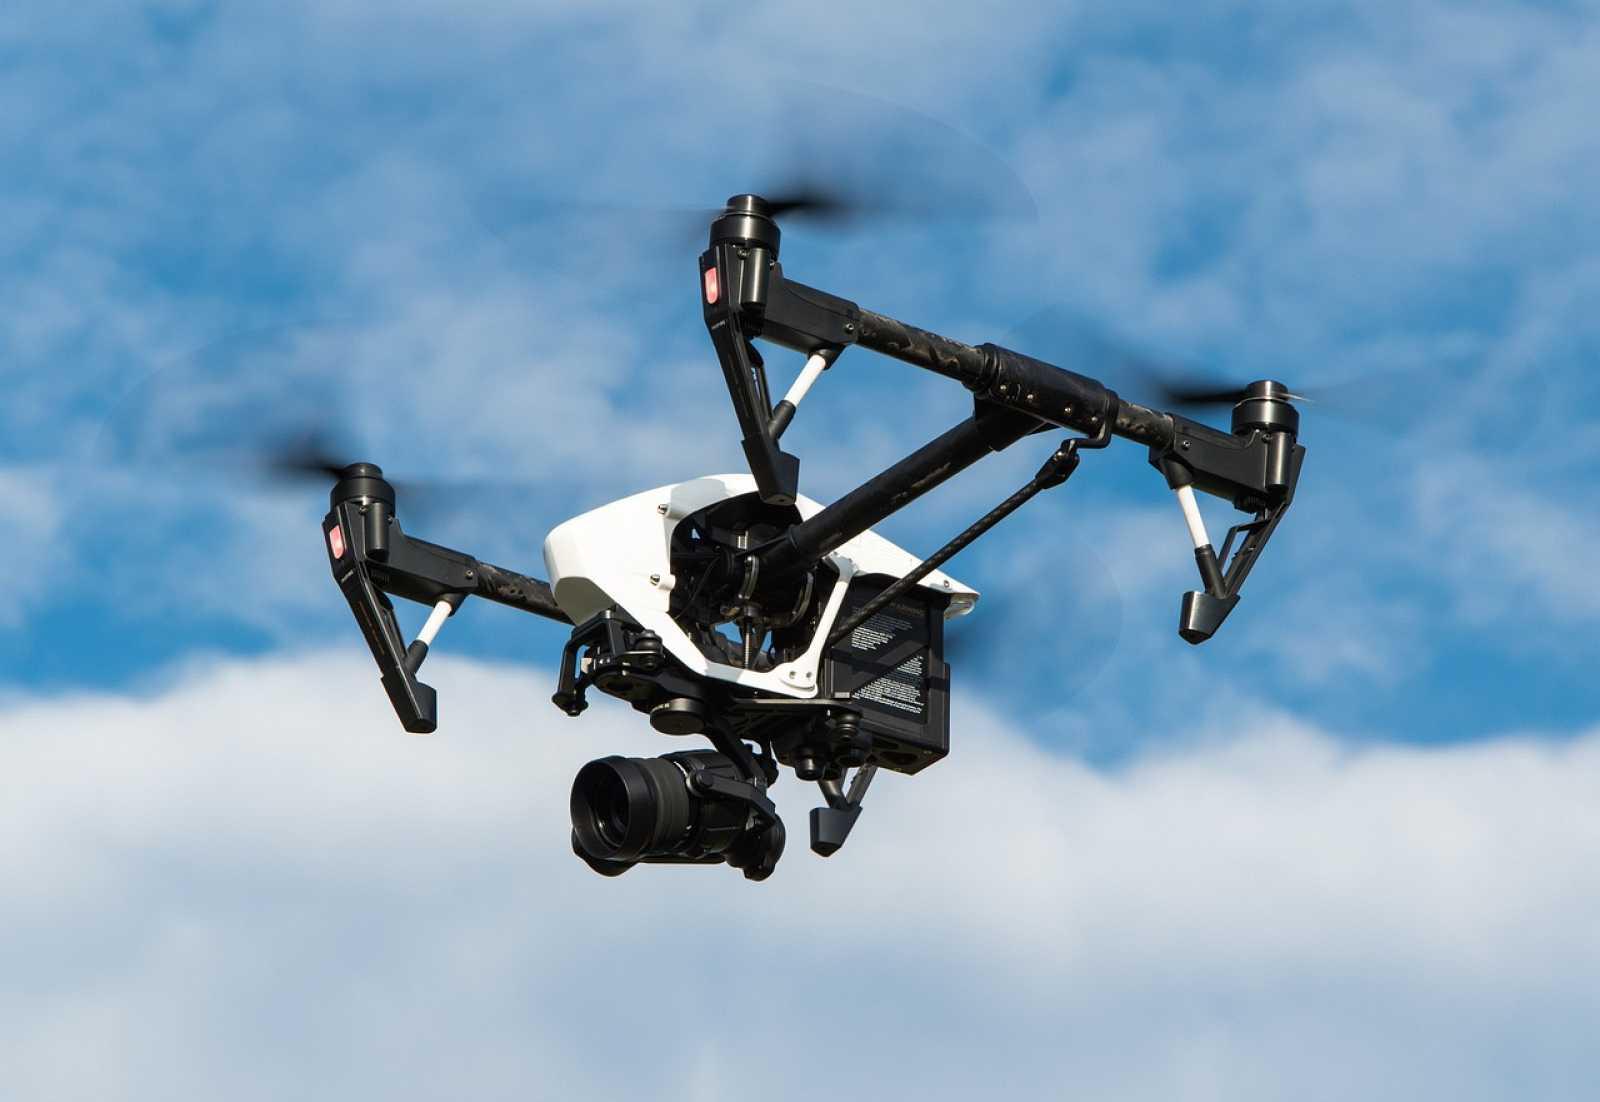 Reportajes Emisoras - Cuenca - Campeón de drones - 10/11/20 - Escuchar ahora